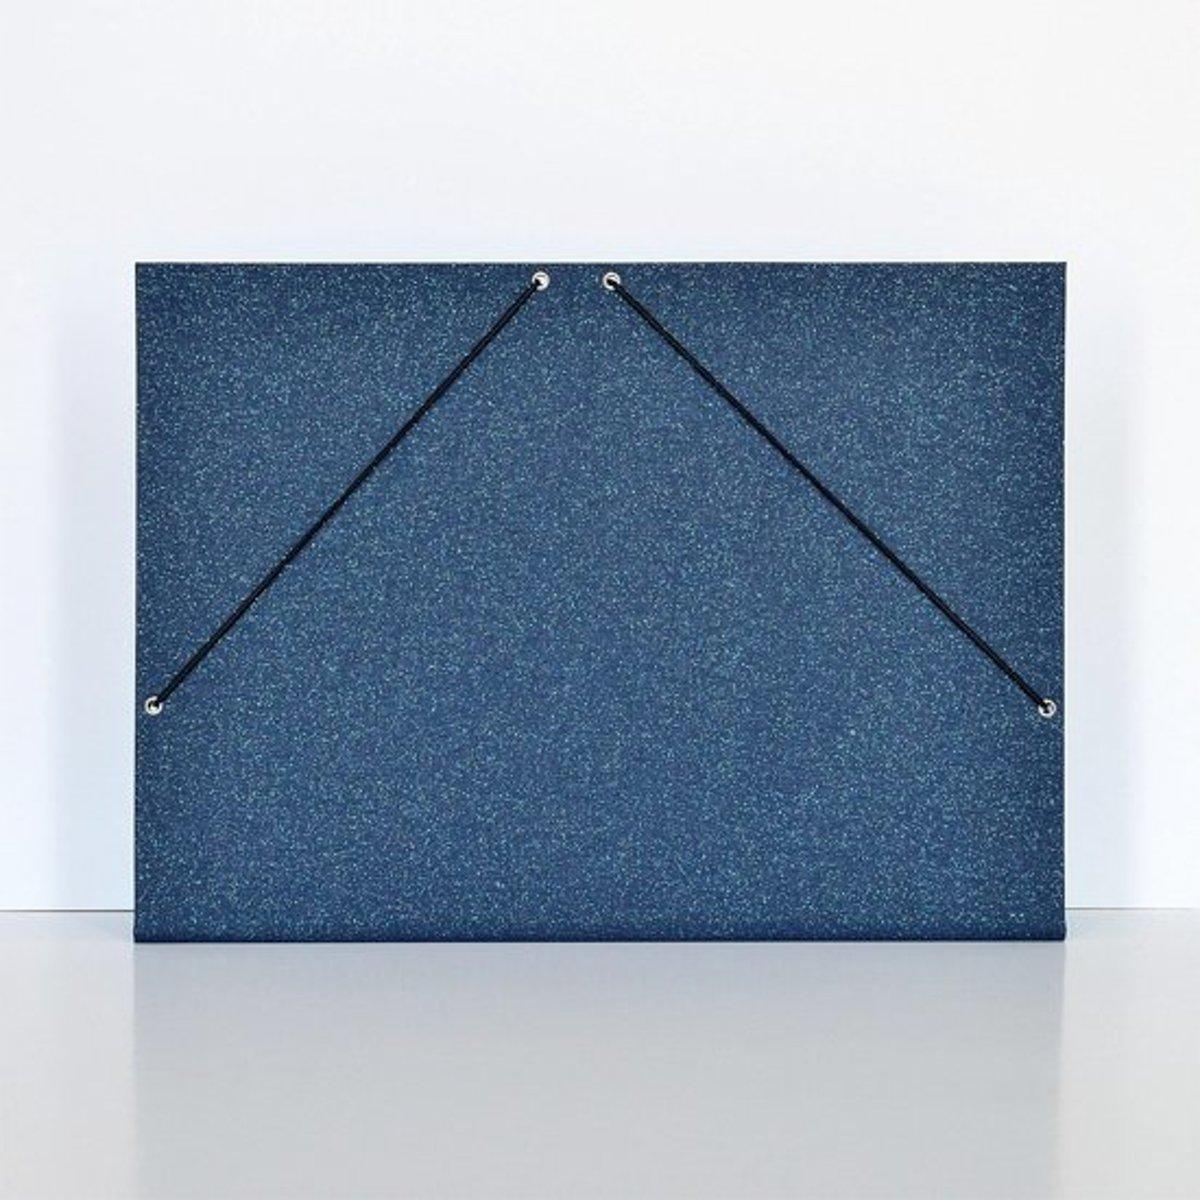 Tekenmap 35 x 50cm – Magic Blauw kopen